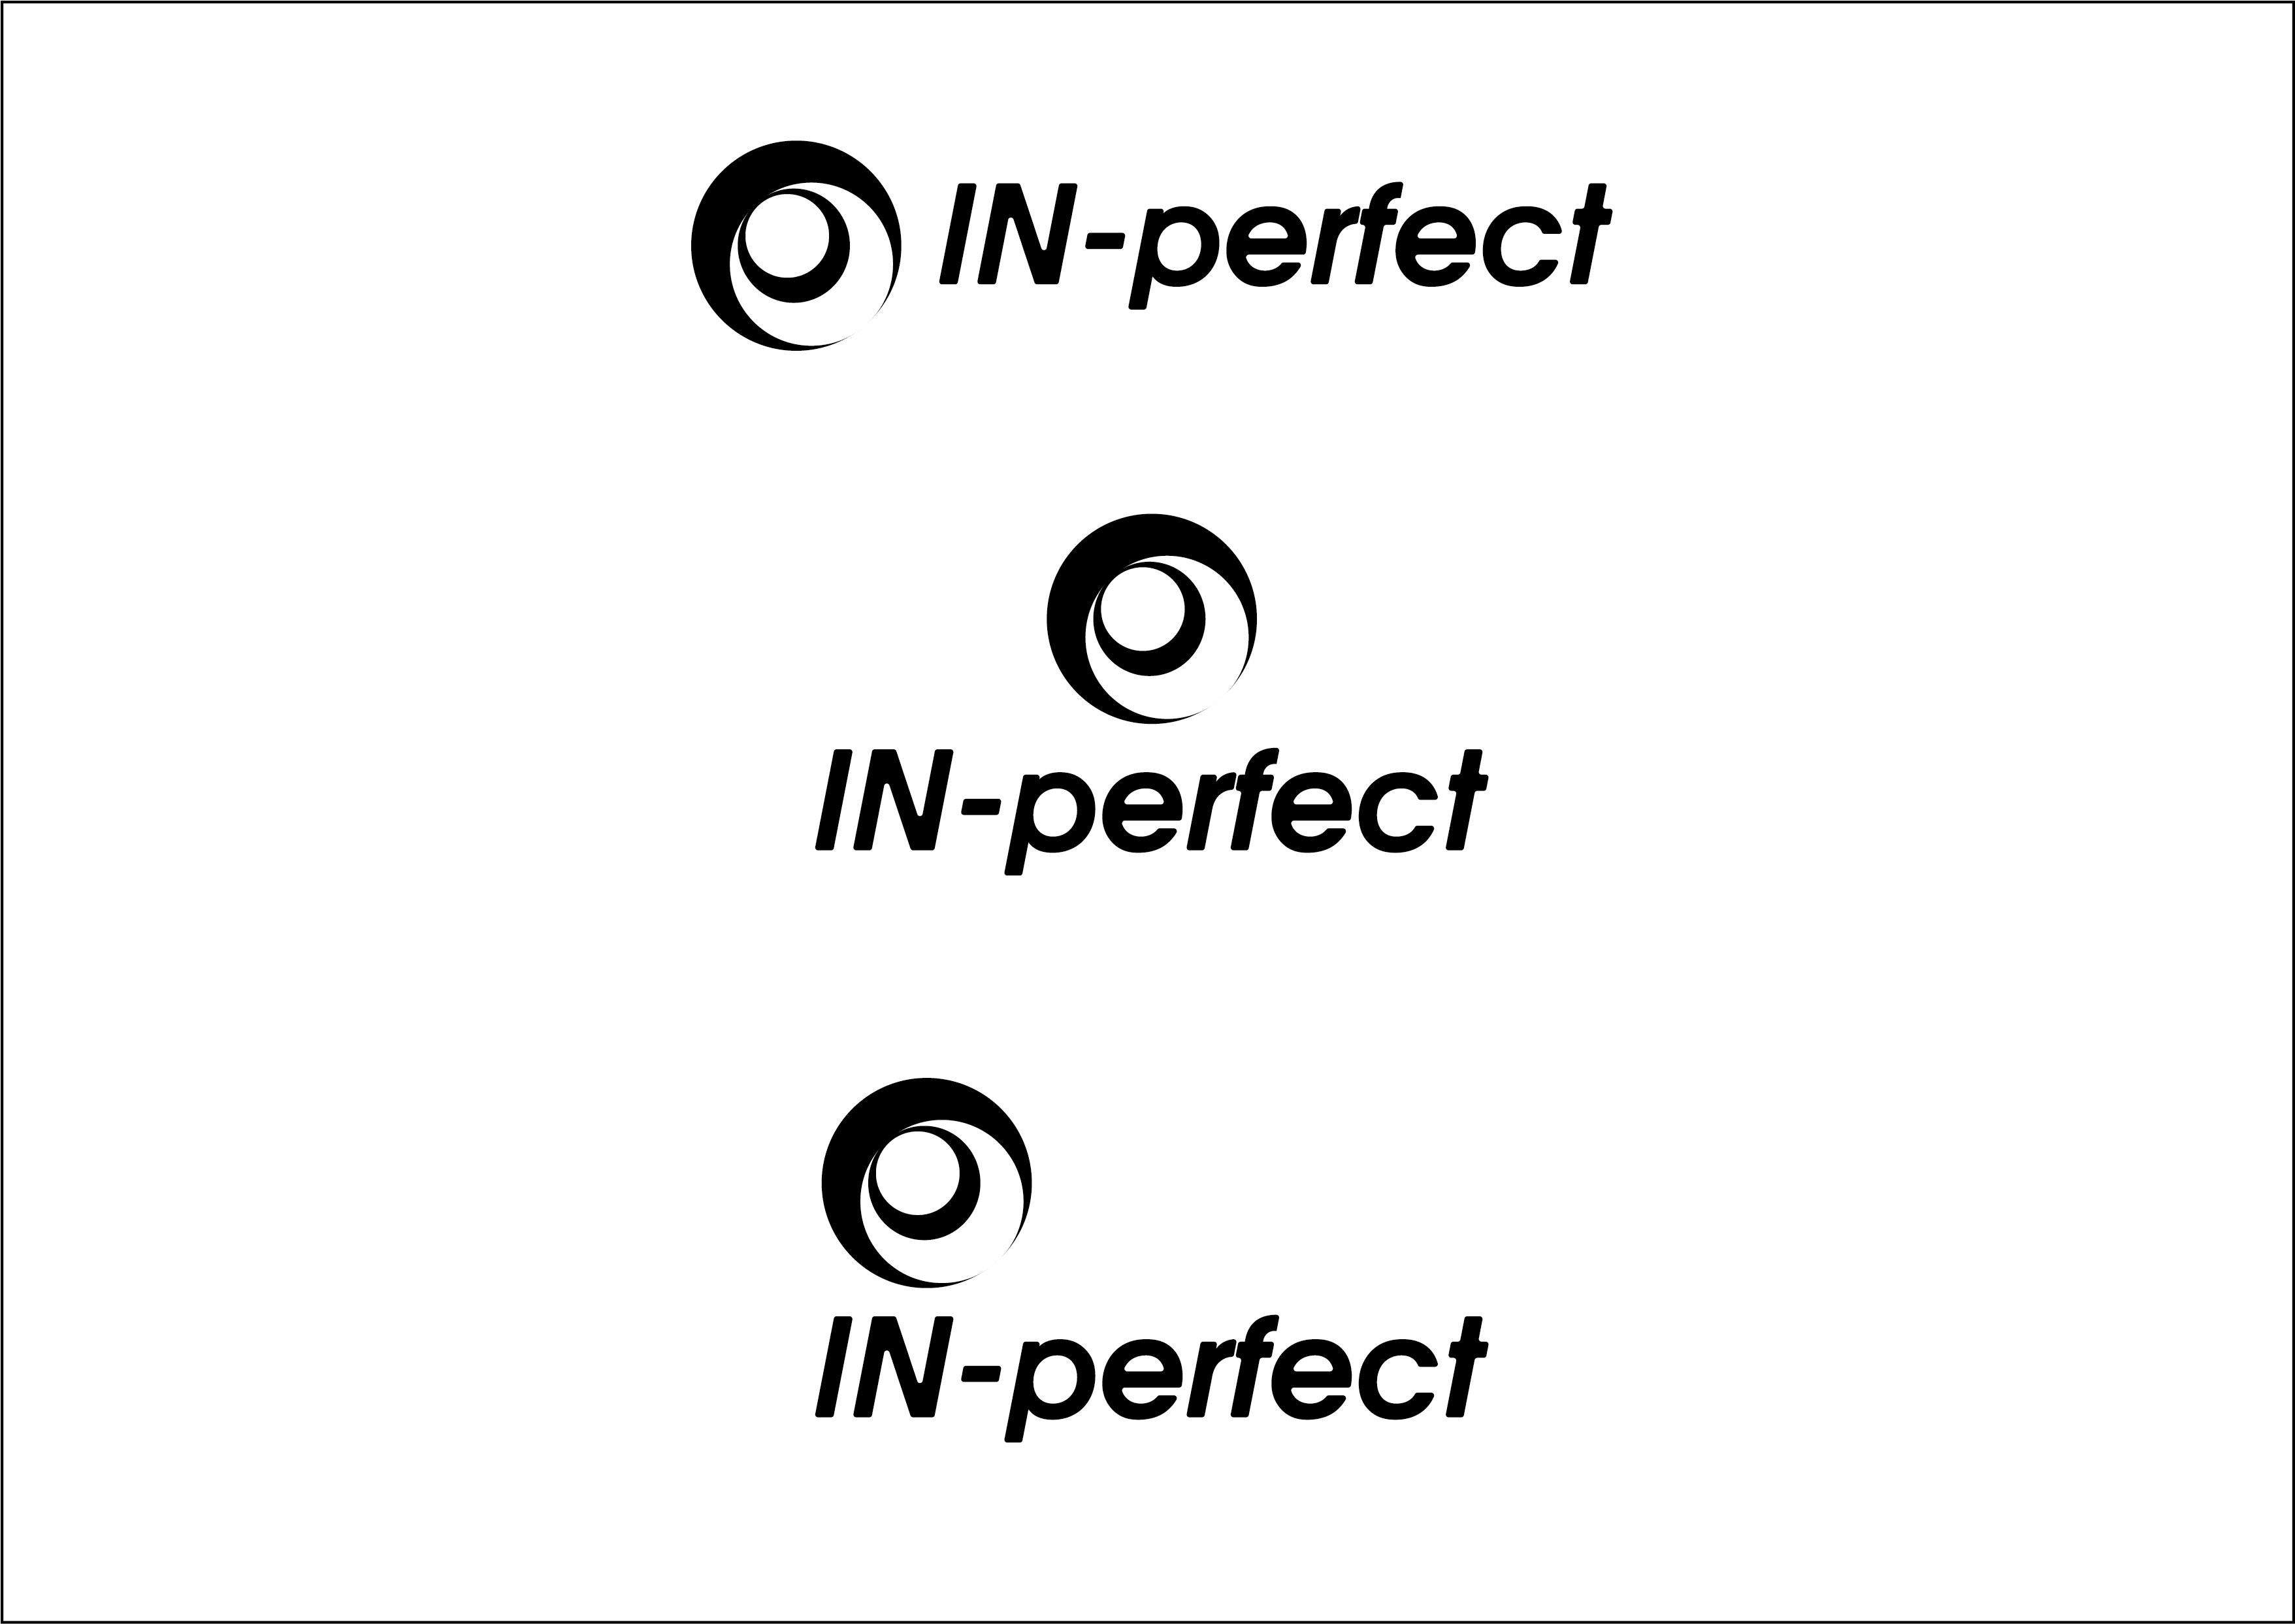 Необходимо доработать логотип In-perfect фото f_2905f2135d141f56.jpg